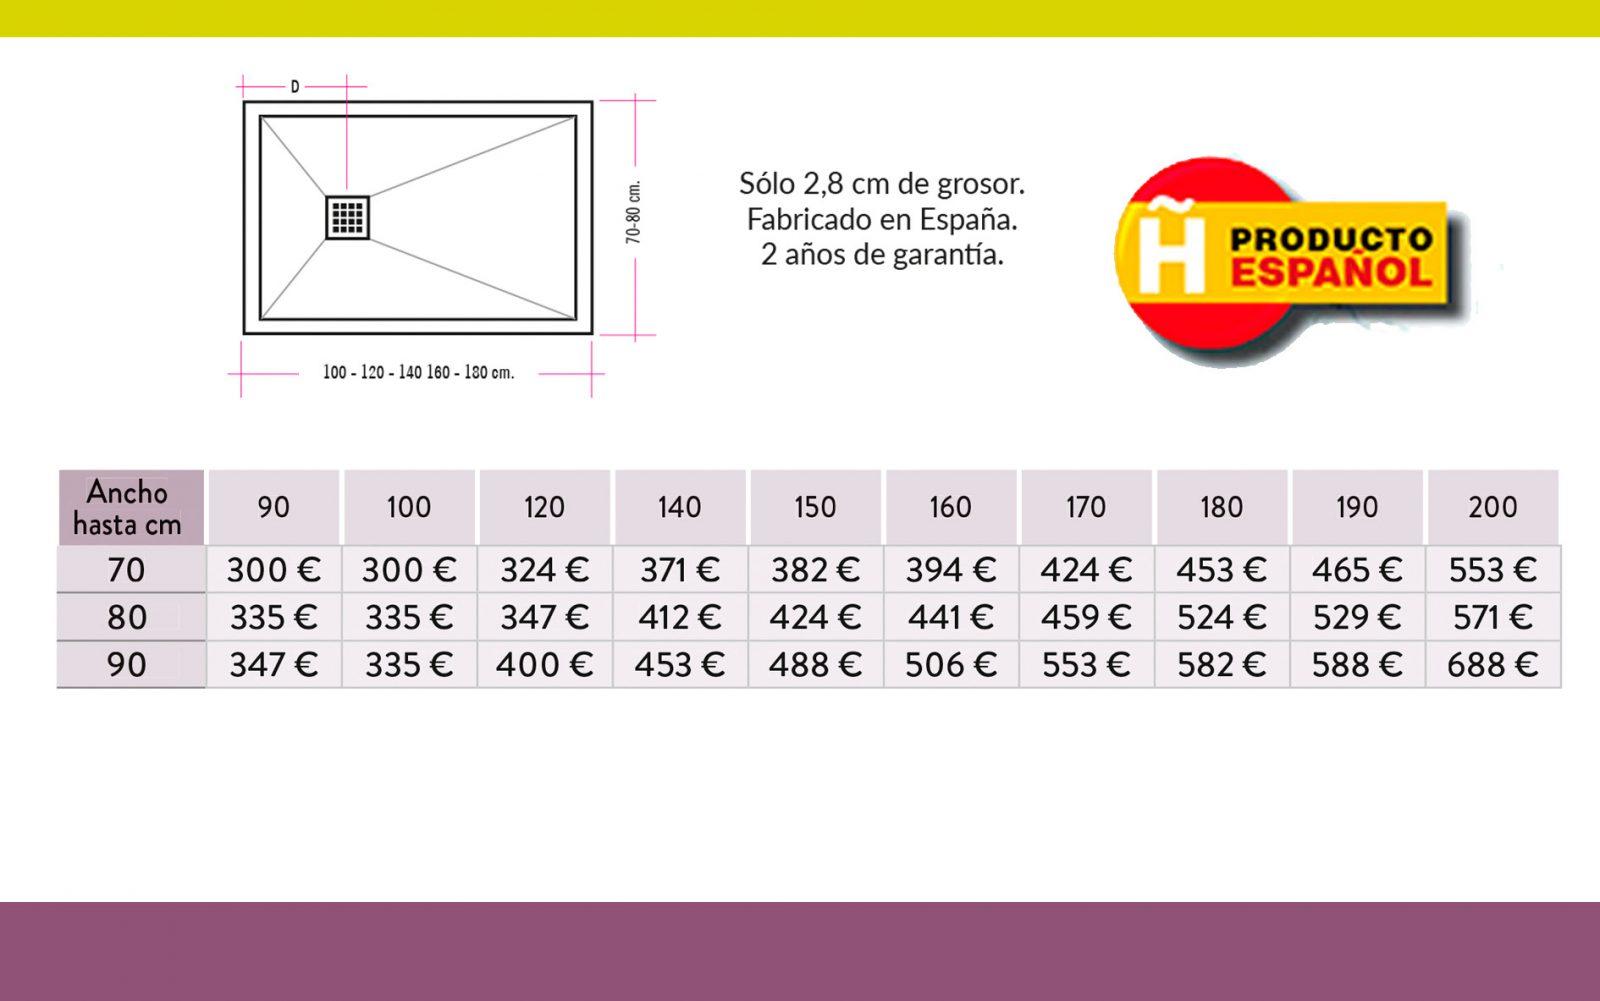 Platos de Ducha Textura Pizarra - Hispabaño, fabricantes de mamparas de ducha y baño